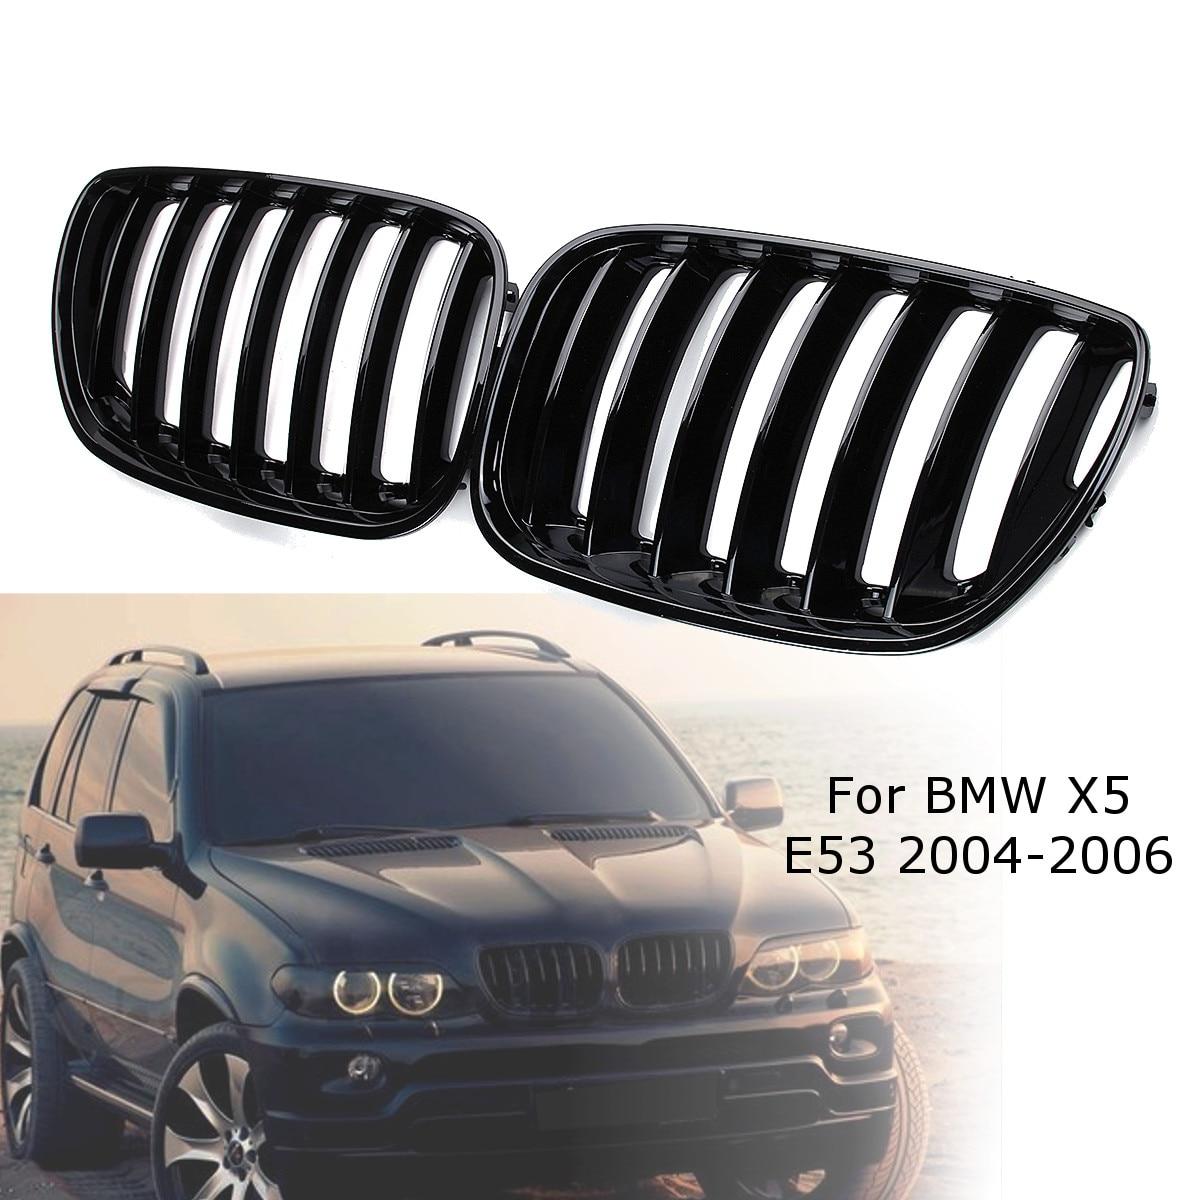 2 pièces Noir Brillant Voiture Rein Avant Grill Grilles À Droite et À Gauche pour BMW X5 E53 2004 2005 2006 ABS 51137124815 51137124816